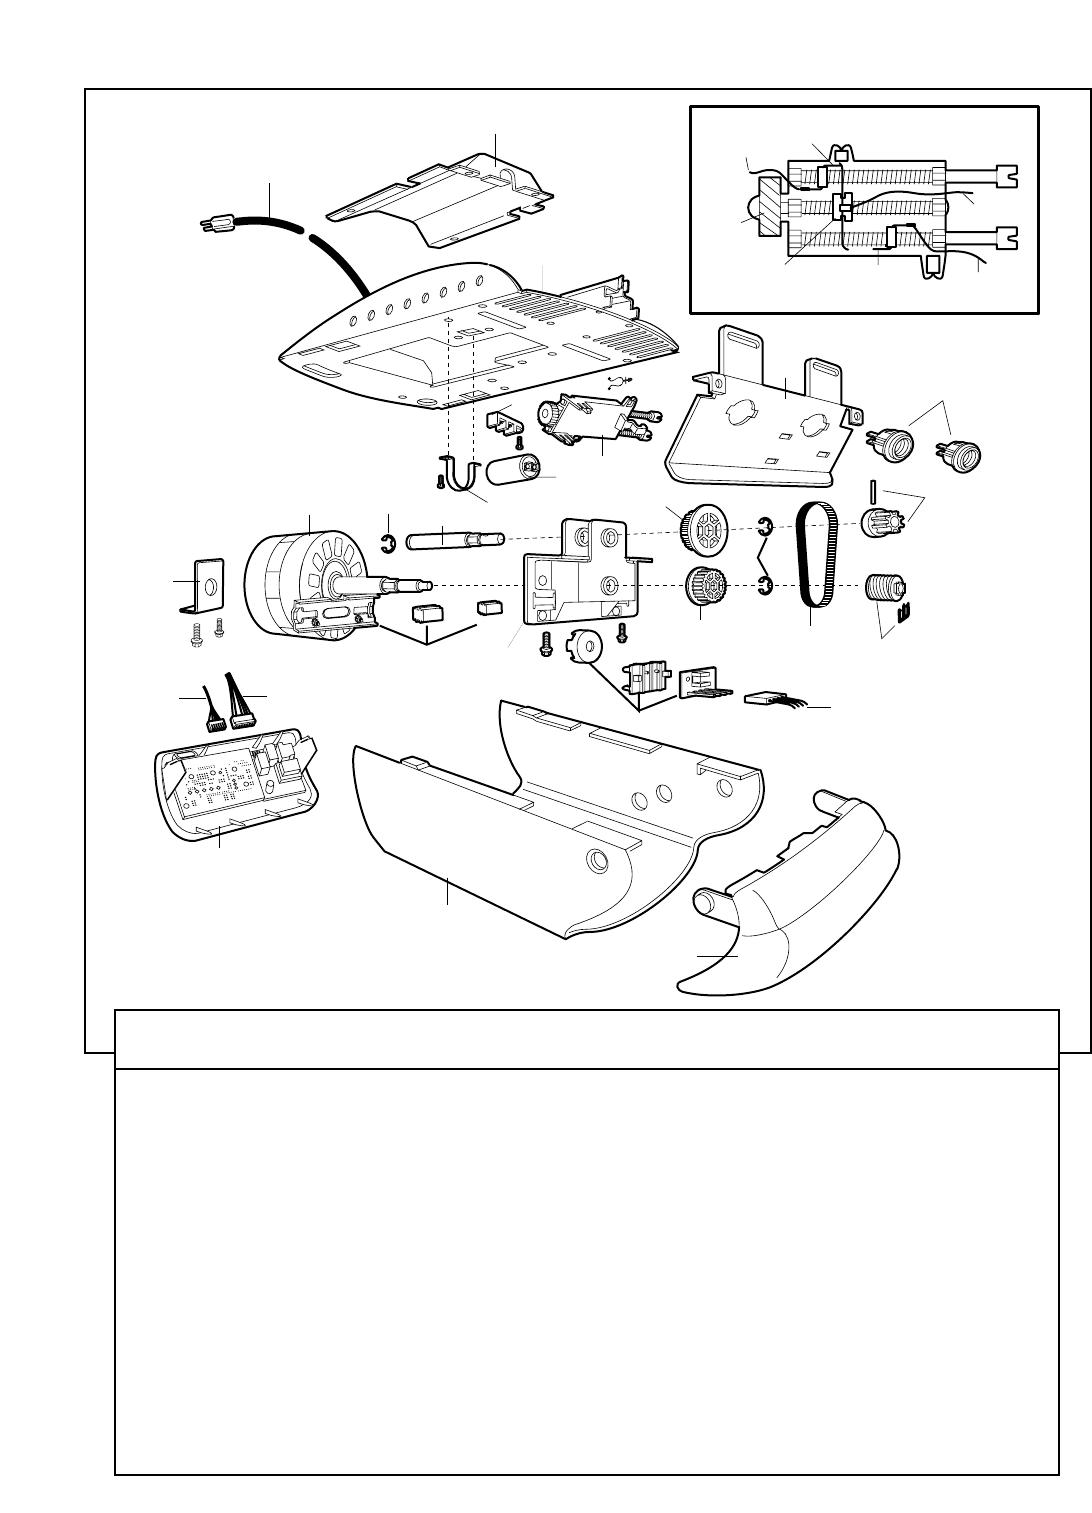 1513 #2D2D2D Page 34 Of Chamberlain Garage Door Opener 3220 1/2 HP User Guide  image Chamberlain Garage Doors Parts 38331092